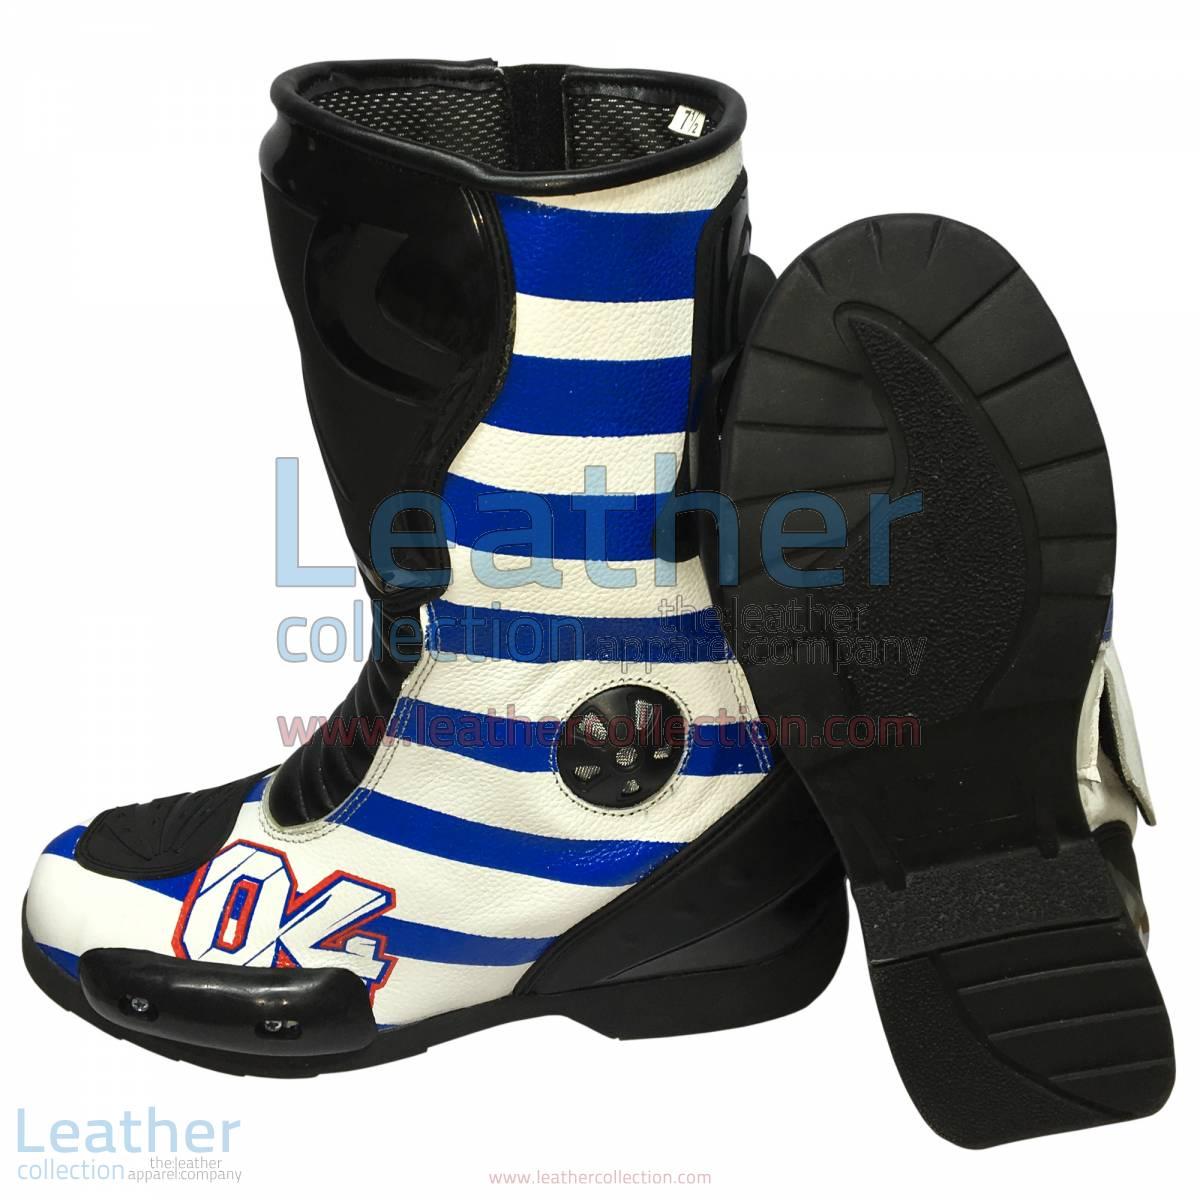 Andrea Dovizioso 2016 MotoGP Racing Boots | Andrea Dovizioso 2016 MotoGP Racing Boots